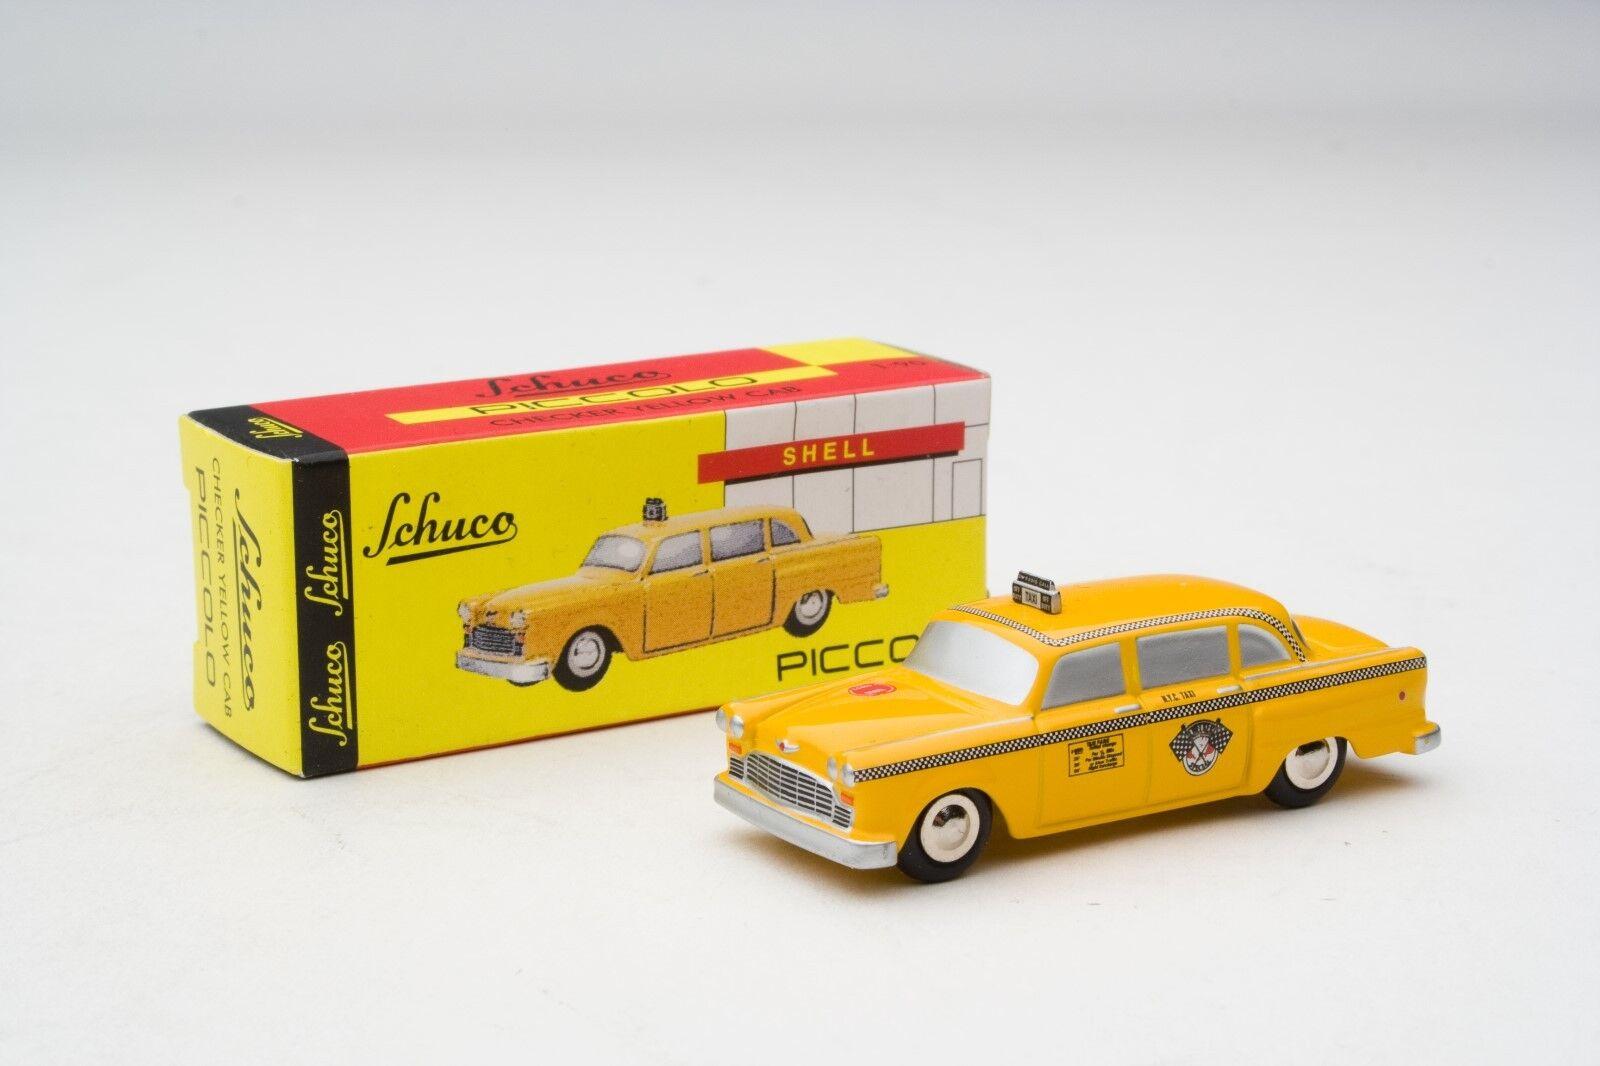 Con precio barato para obtener la mejor marca. Schuco Piccolo   Checker Marathon-New York York York Taxi Cab   artículo  SHU05915  el mejor servicio post-venta